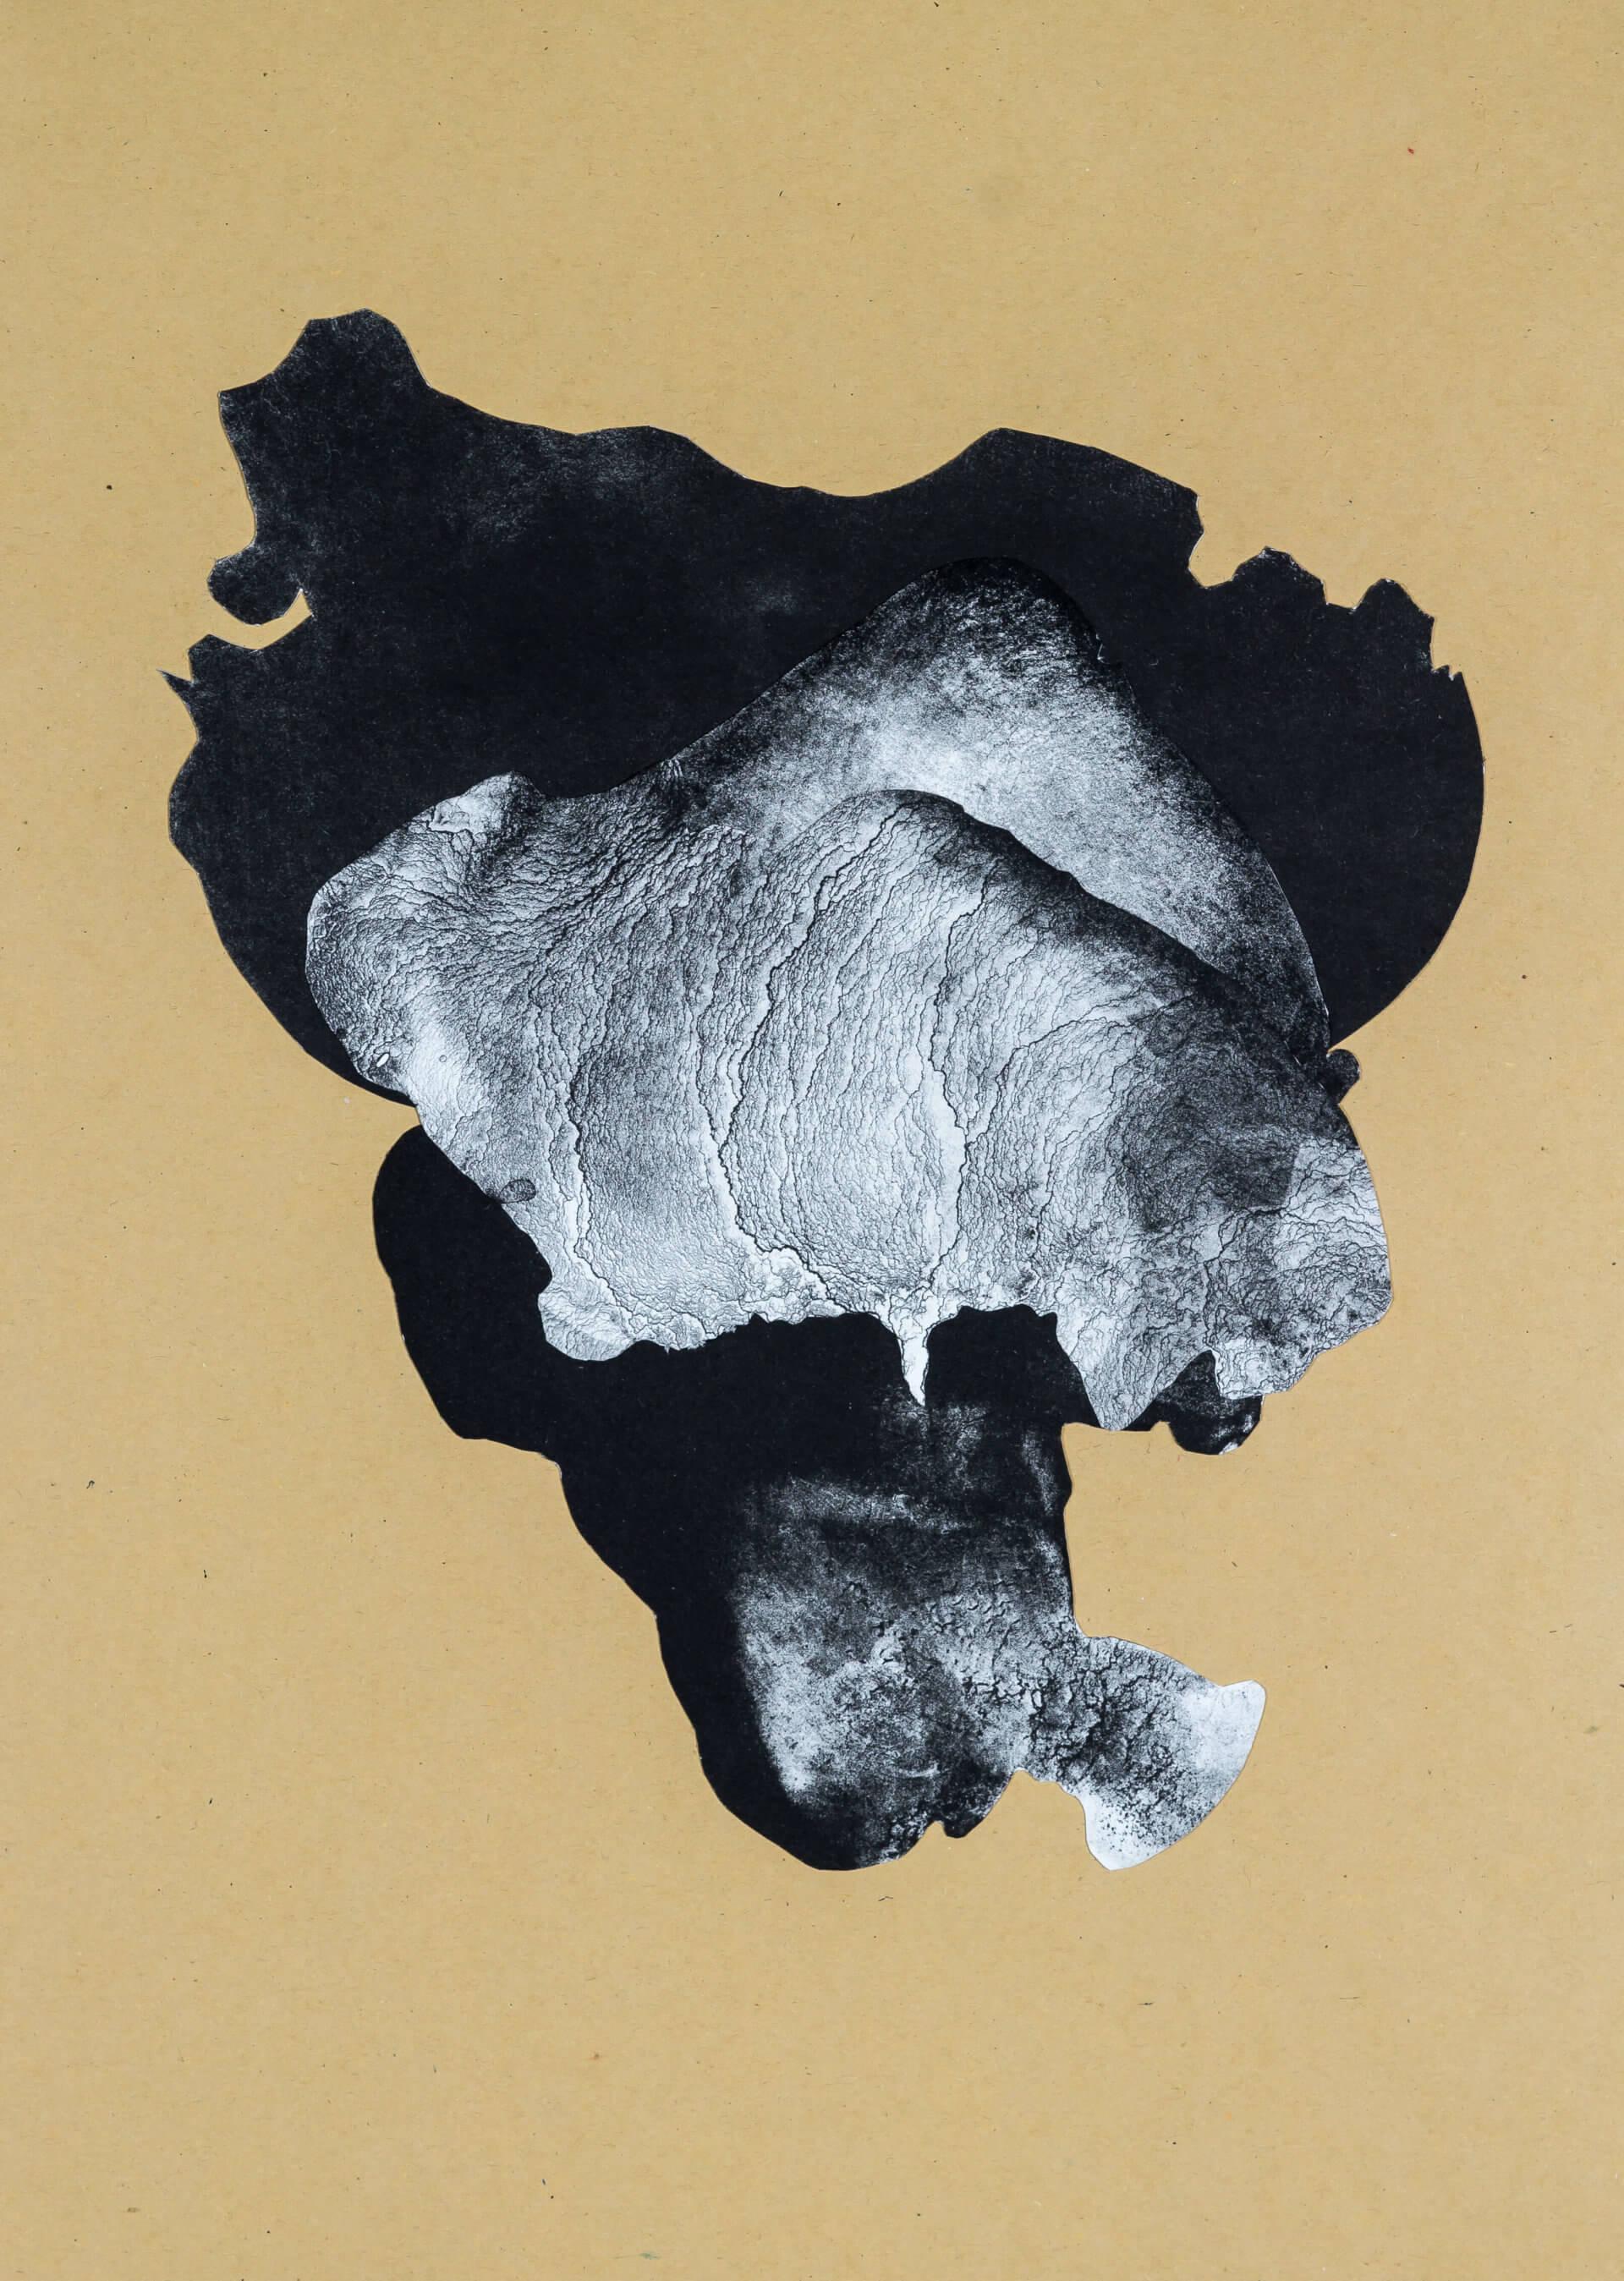 organism (cr) V, 2018, Lithographiecollage auf Papier, Unikat, 41,5x30cm